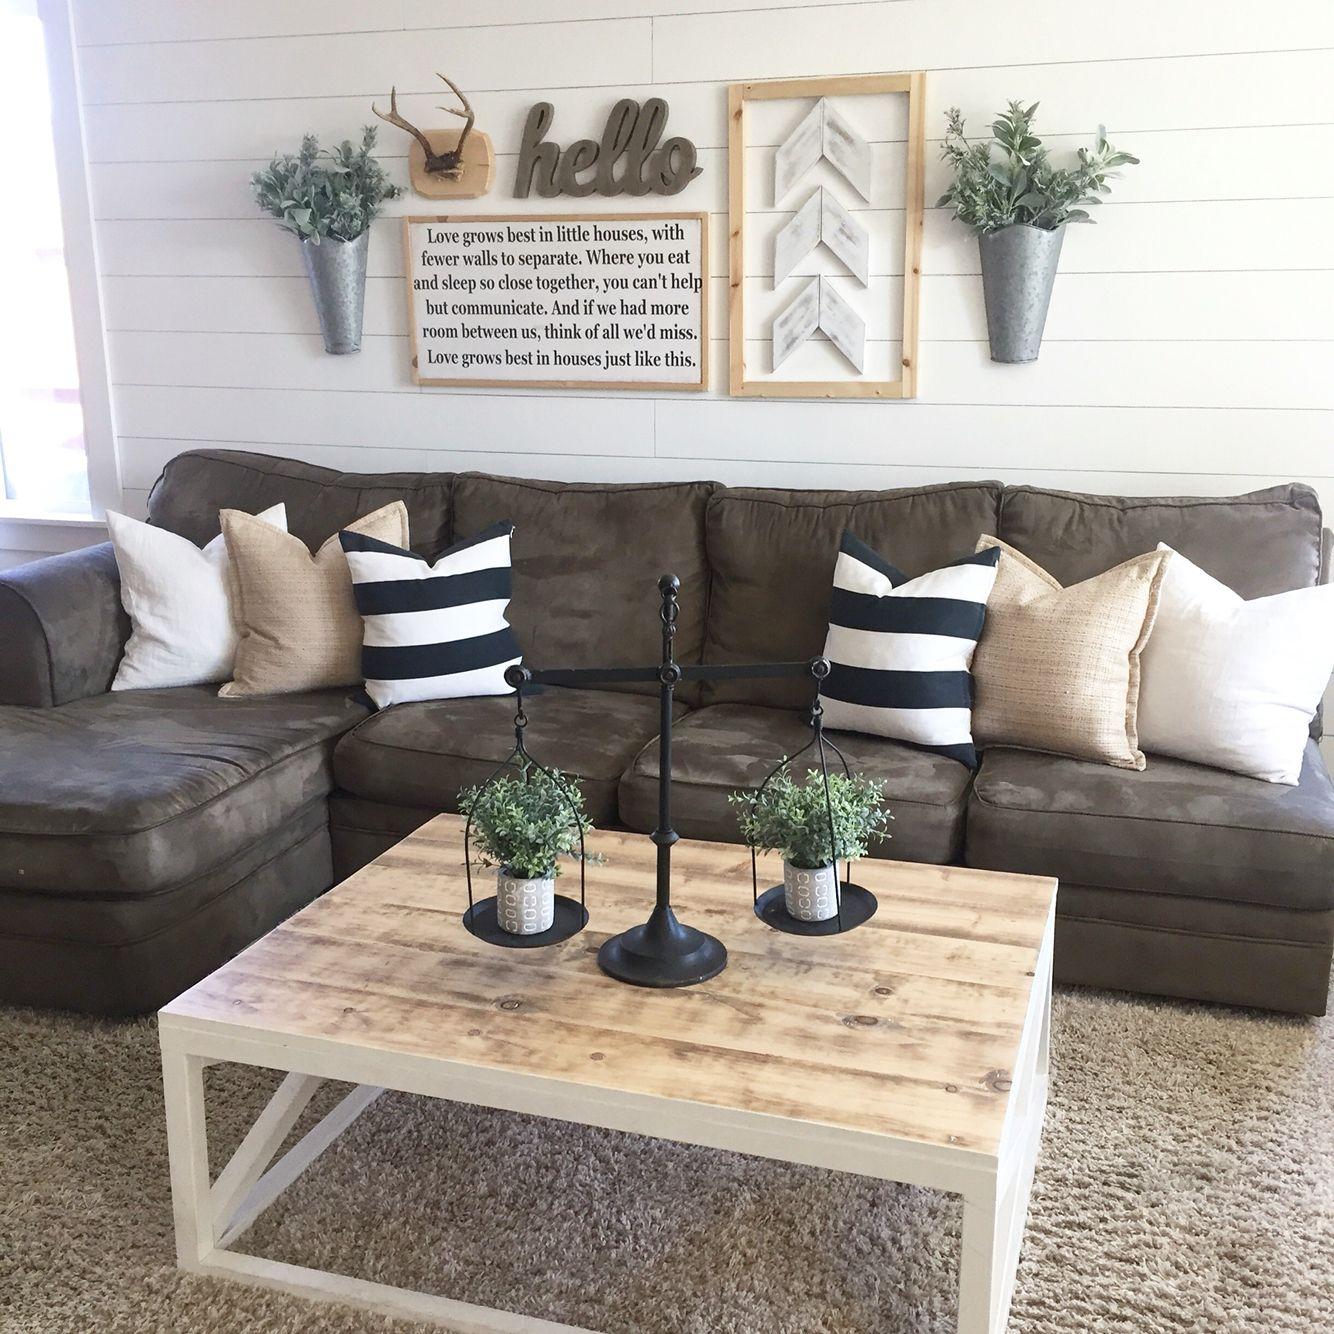 85 Adorable Living Room Pillow Ideas | Modern Decor ...